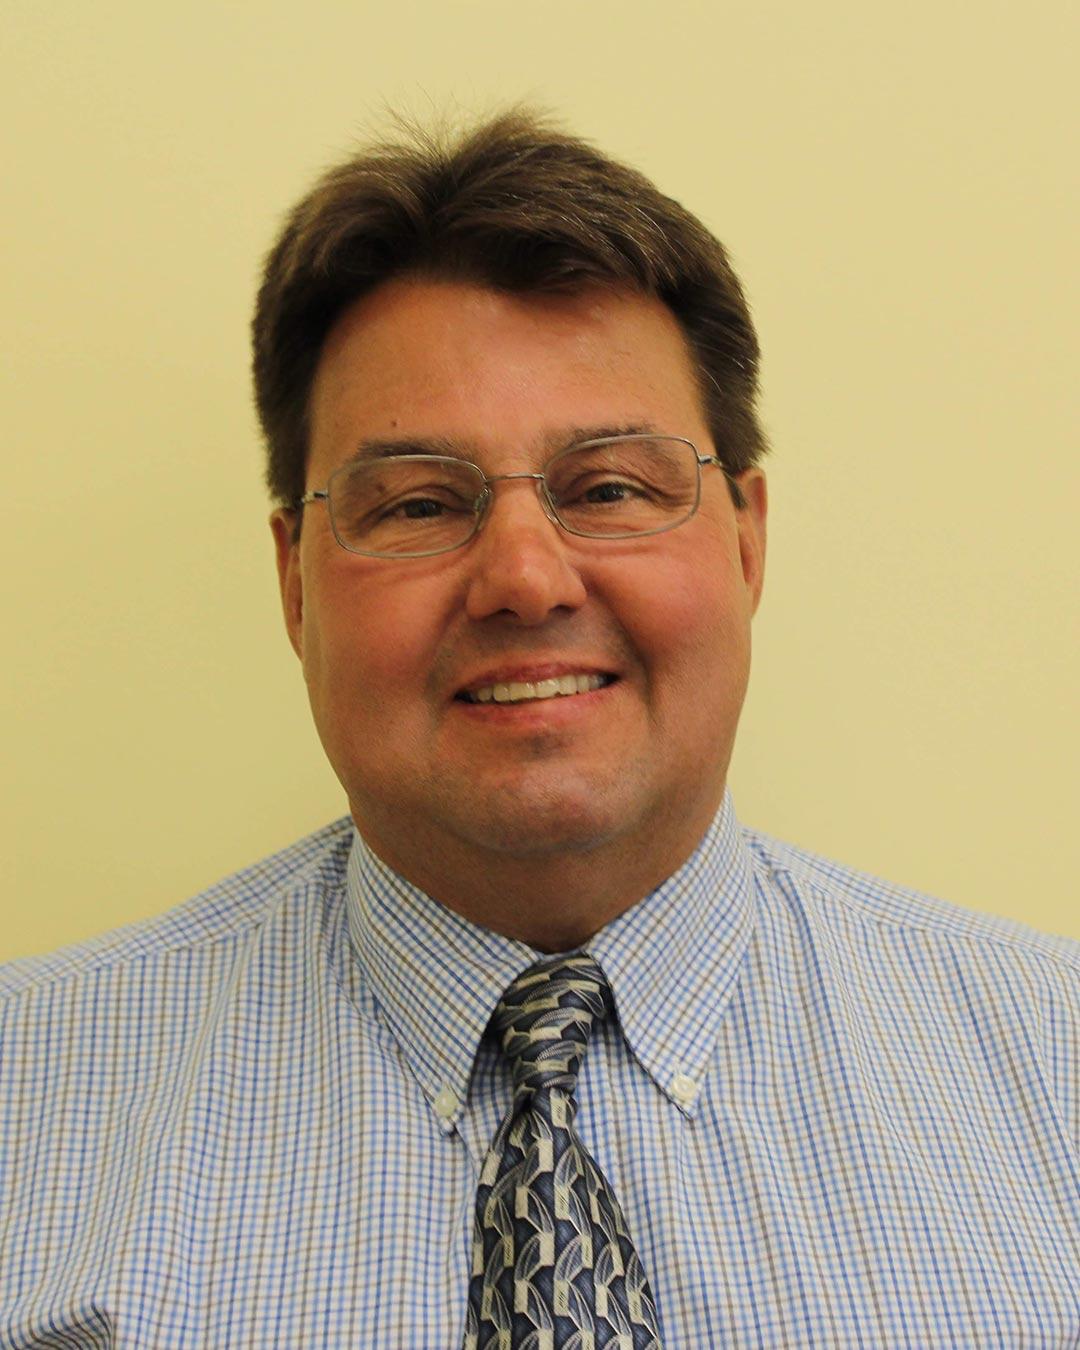 Michael Warlick